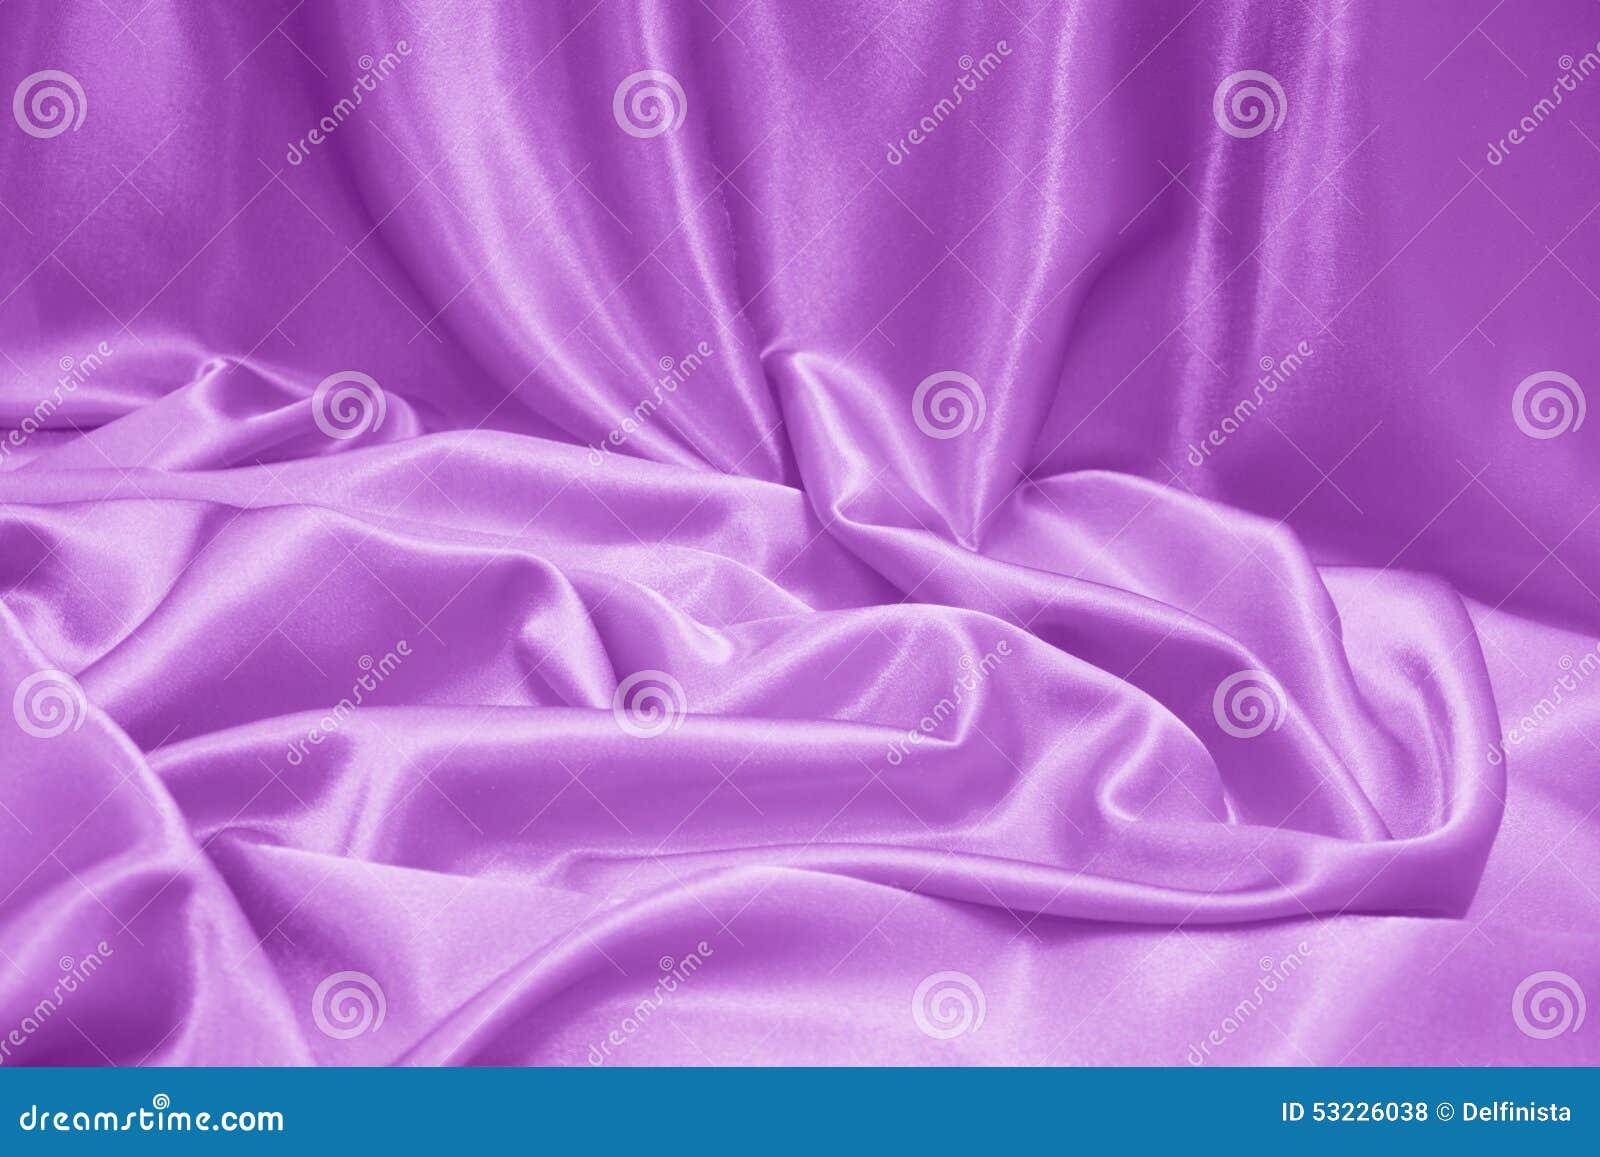 Fondo púrpura del satén - fotos comunes